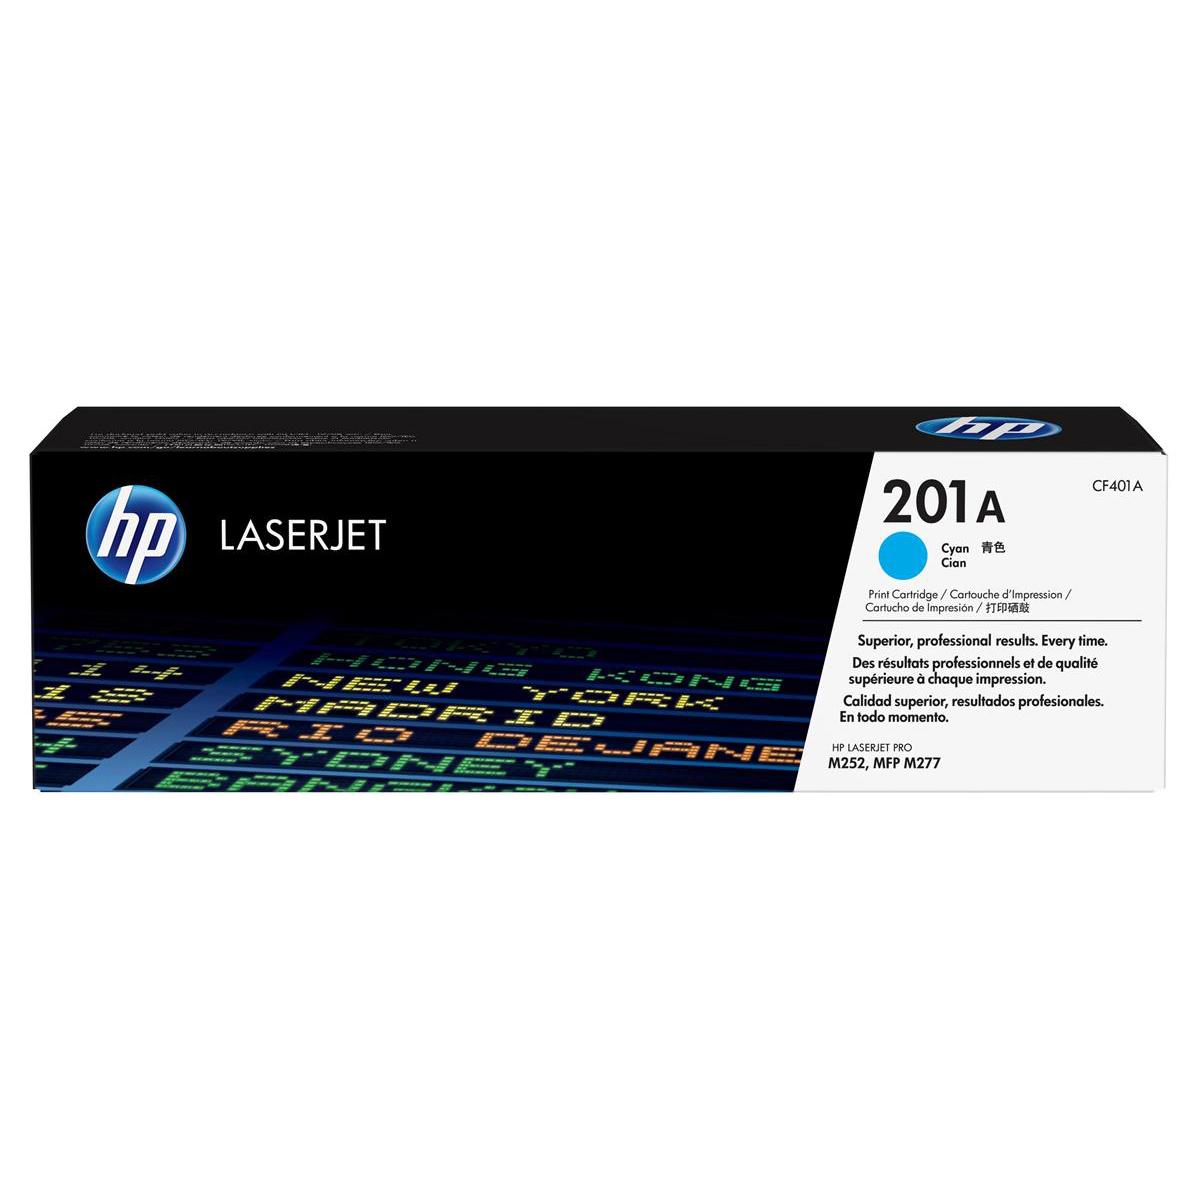 Hewlett Packard [HP] 201A LaserJet Toner Cartridges Page Life 1400pp Cyan Ref CF401A